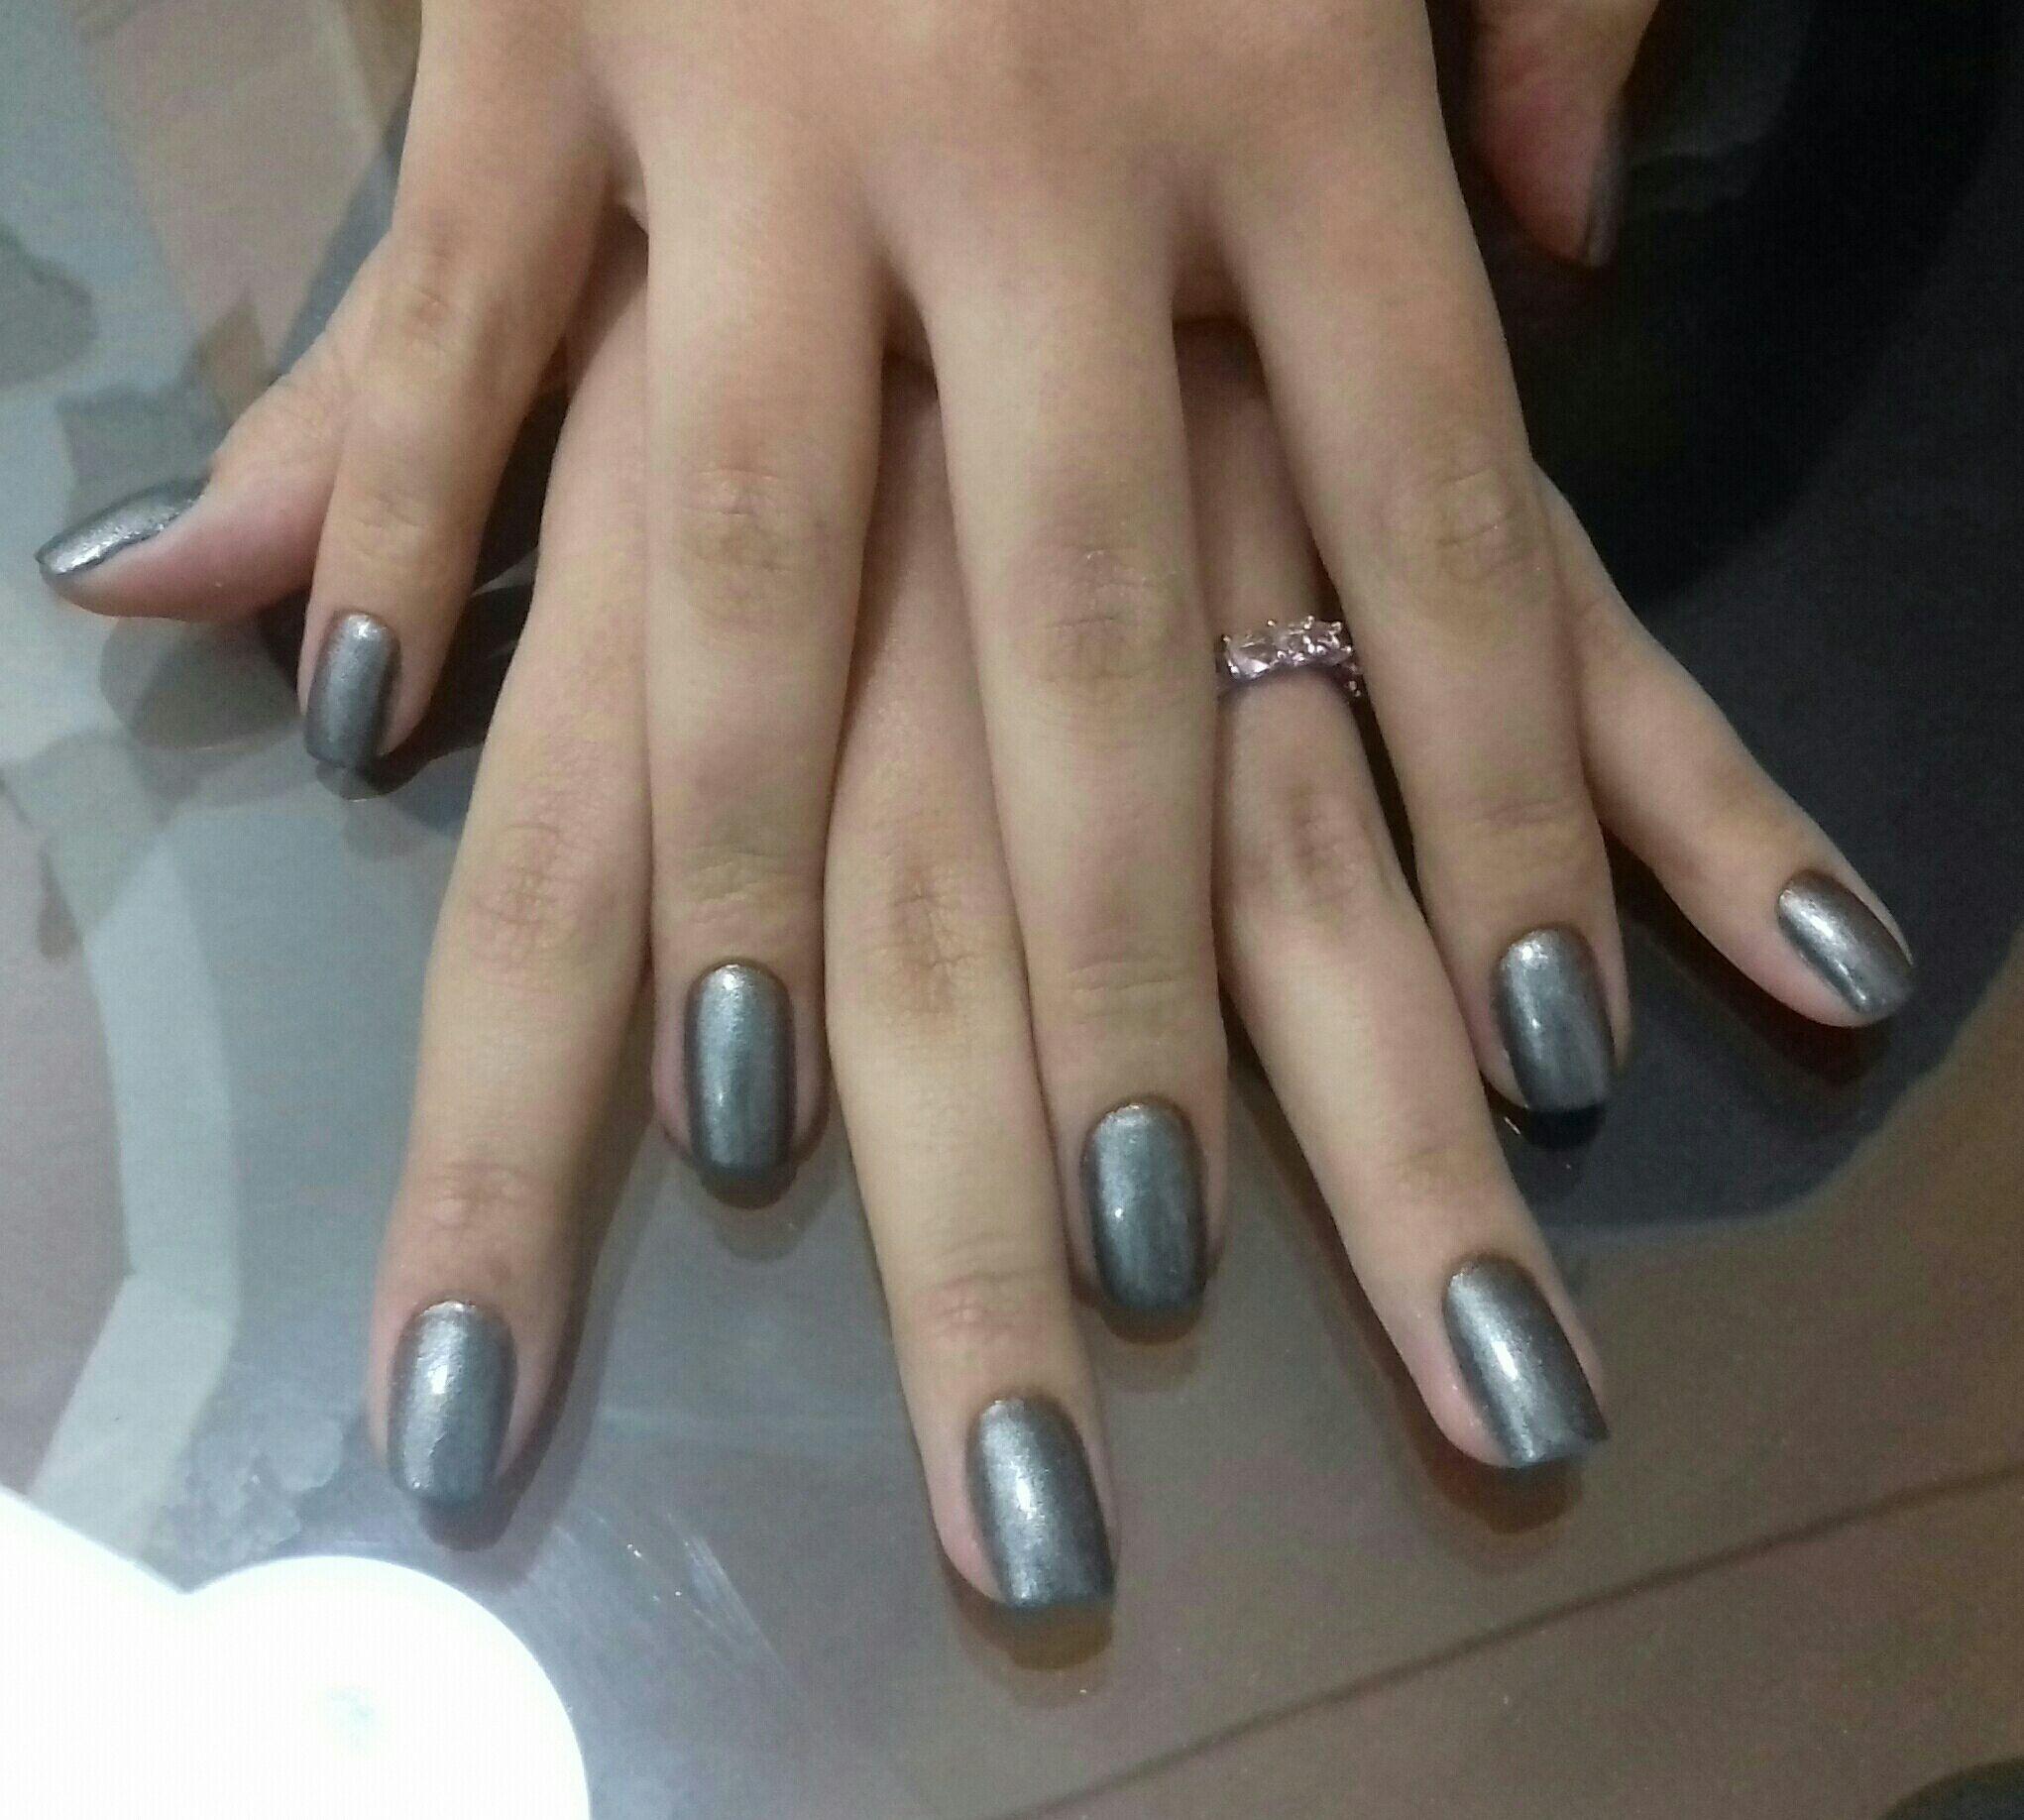 #unhas #manicure unha designer de sobrancelhas depilador(a) manicure e pedicure